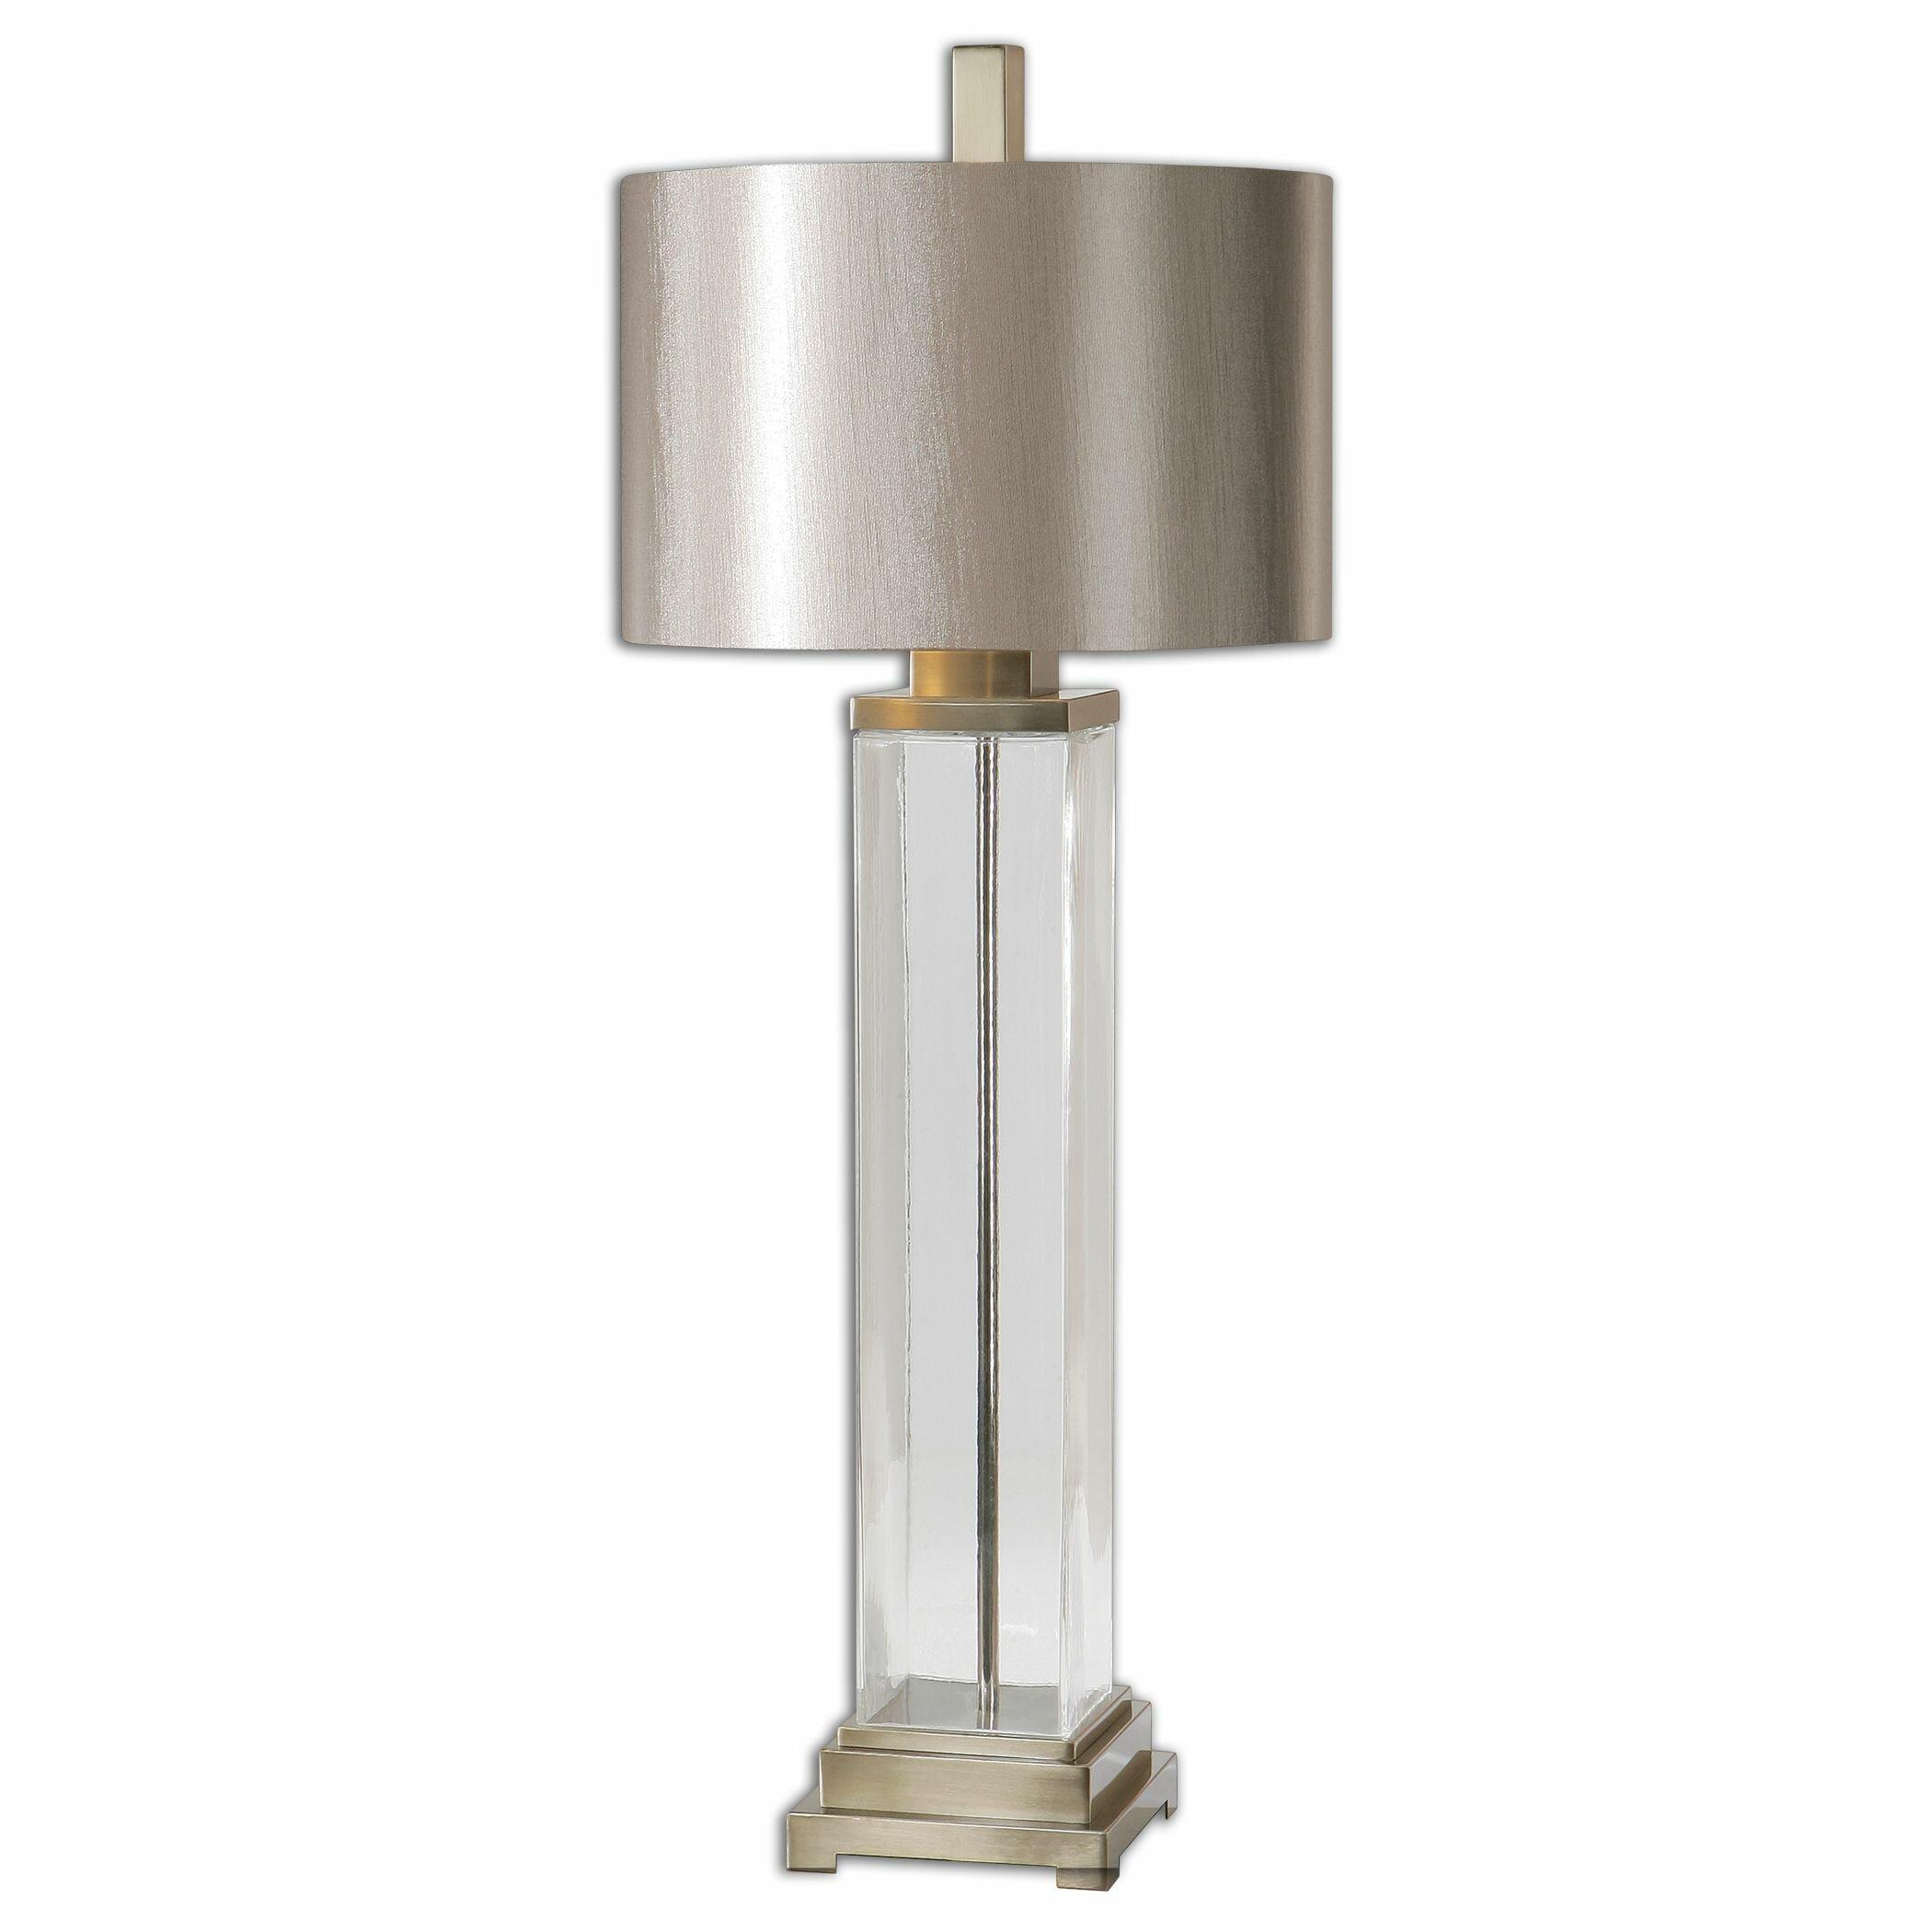 Uttermost Drustan 4375quot Table Lamp amp Reviews Wayfair : Uttermost Drustan 4375 Table Lamp from www.wayfair.com size 2100 x 2100 jpeg 171kB